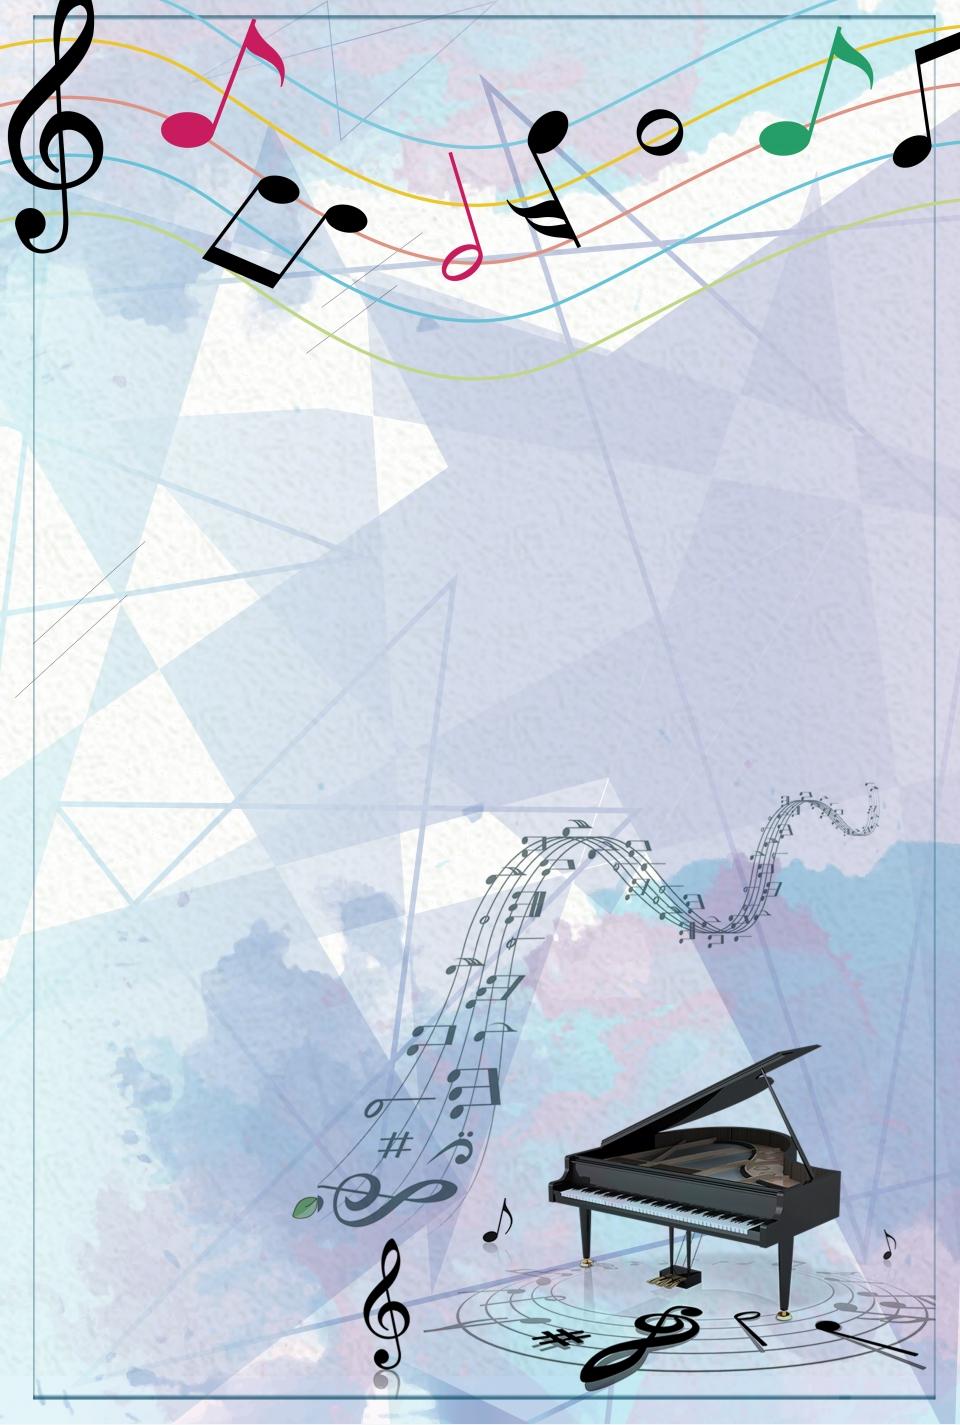 Piano Sekolah Gambar Gambar Muat Turun Piano Piano Kartun